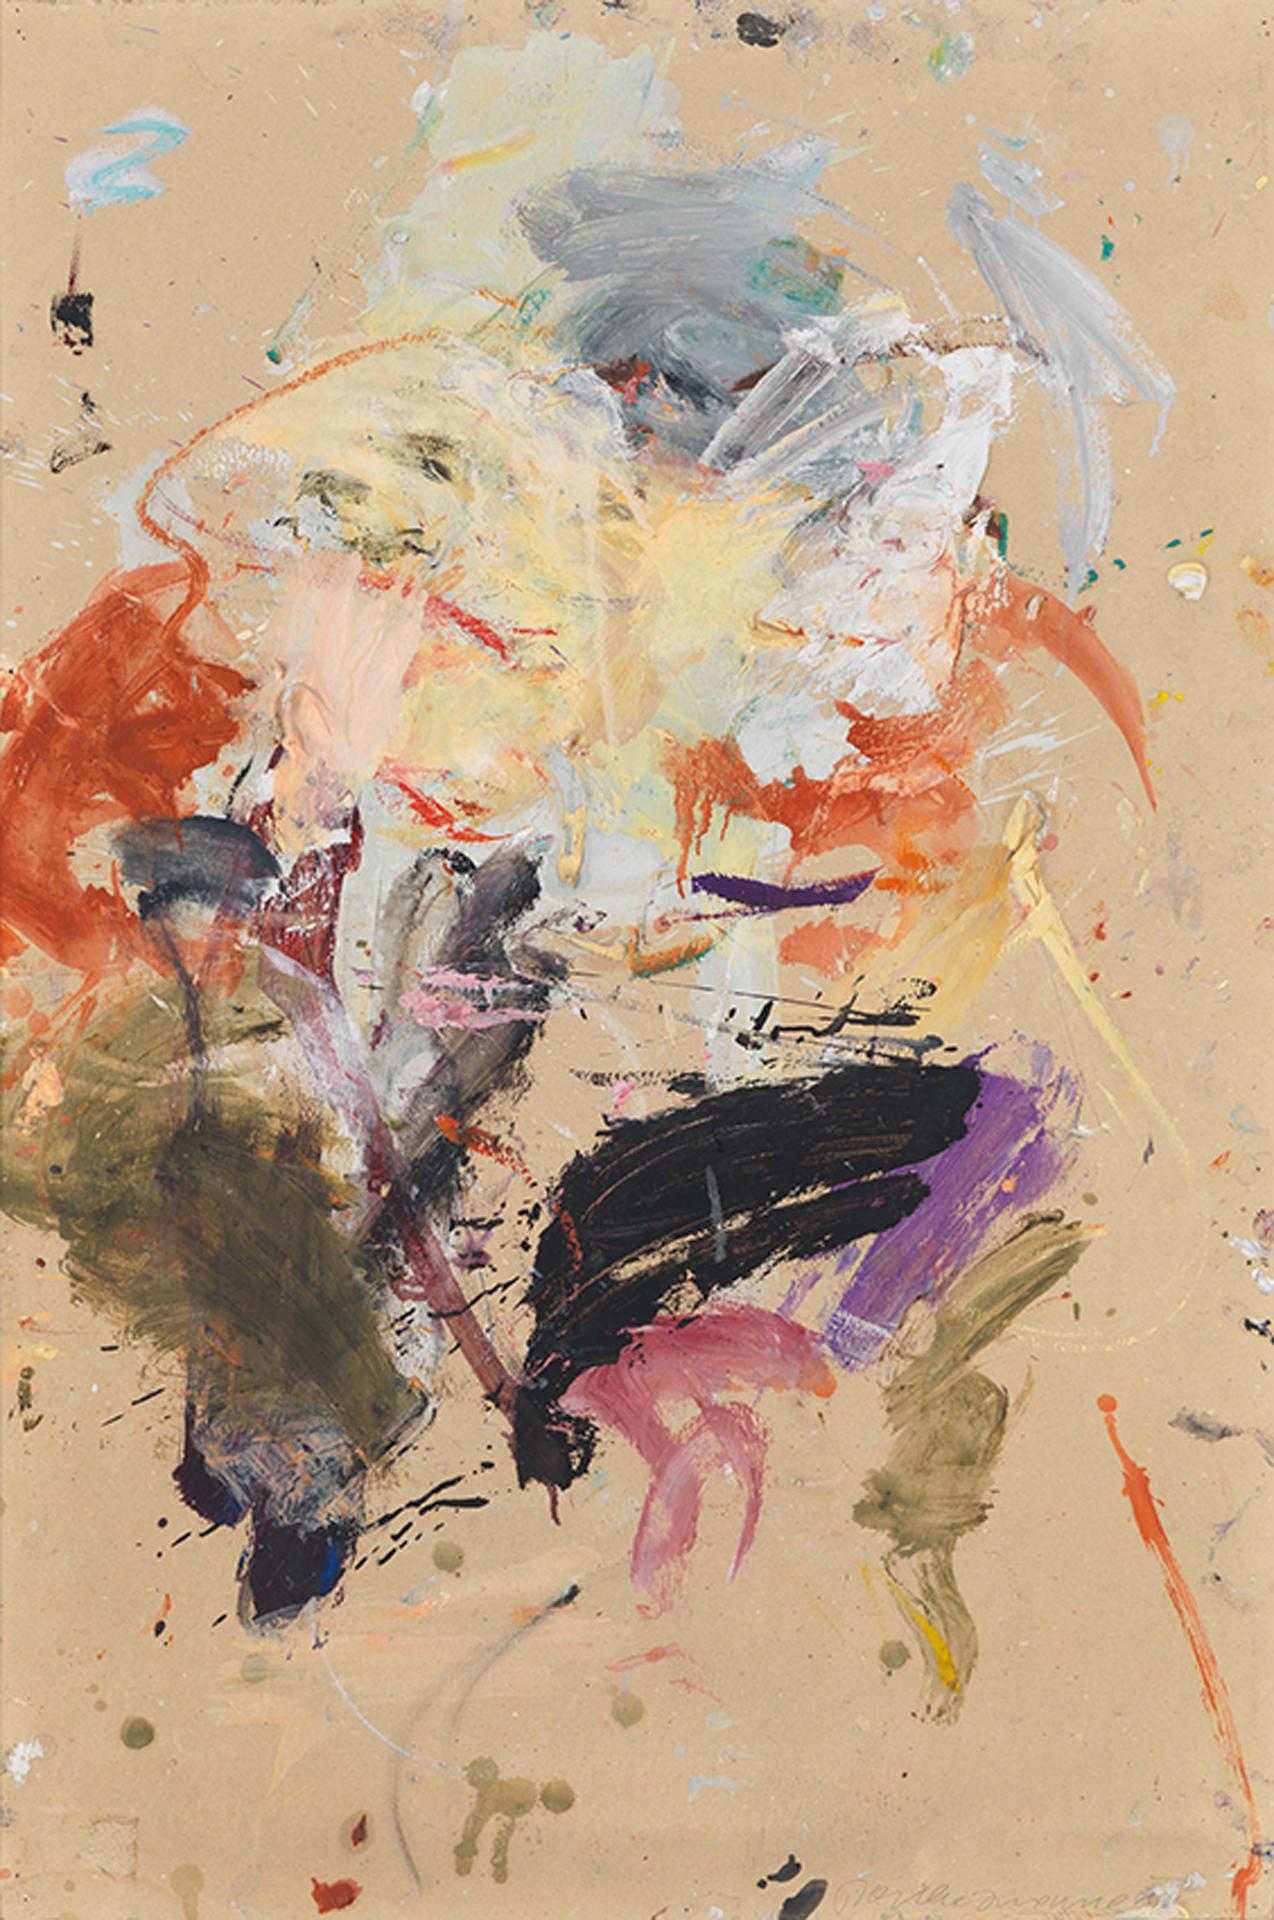 Martha Jungwirth, ohne Titel, 1985, Öl auf Karton, 105 x 70 cm